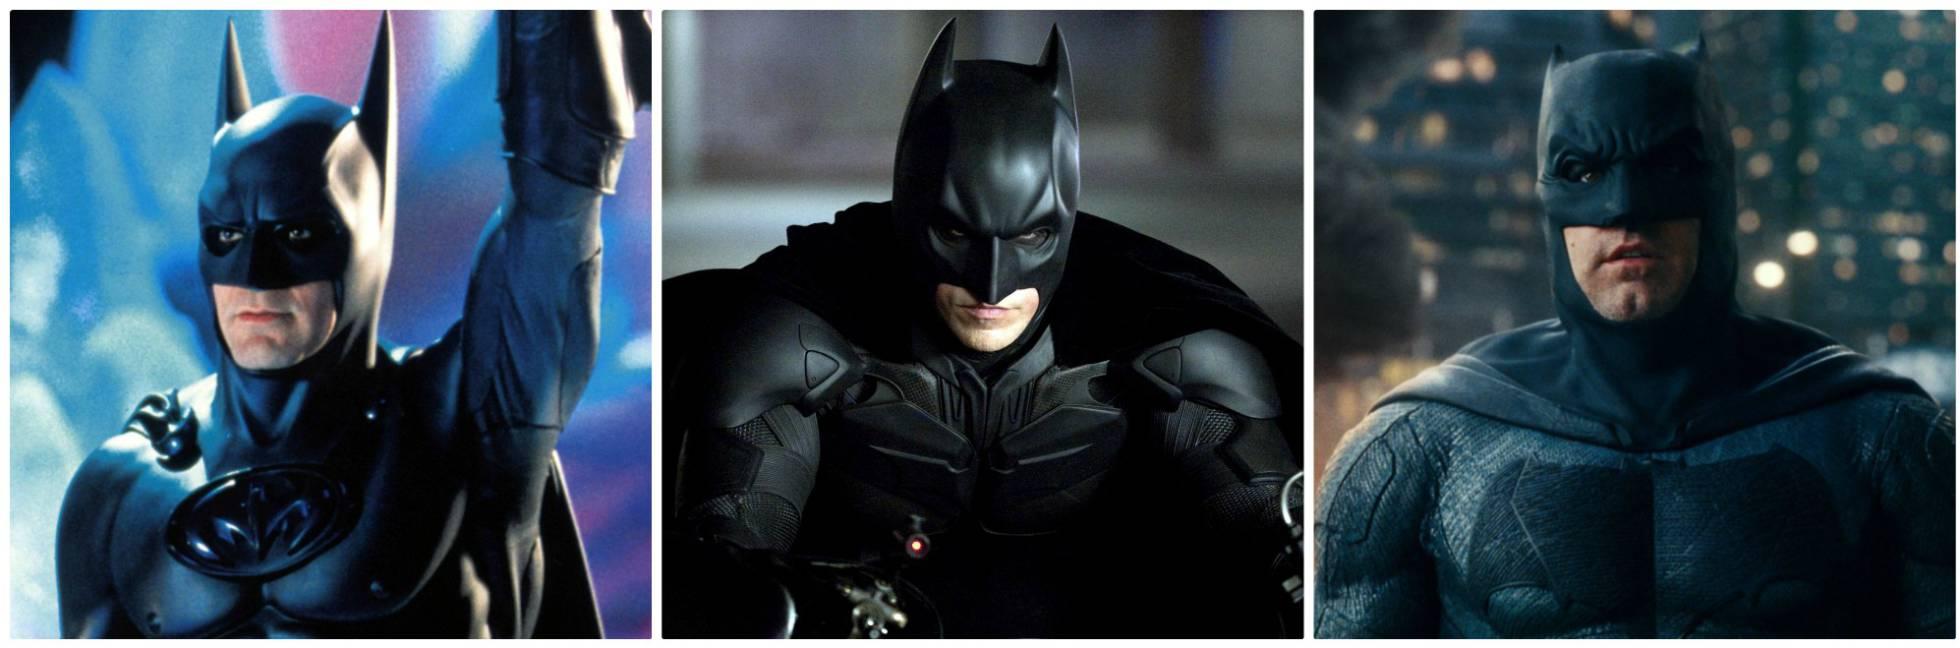 Da sinistra a destra, tre attori che hanno giocato a Batman: George Clooney (1997), Christian Bale (2012) e Ben Affleck (2017)